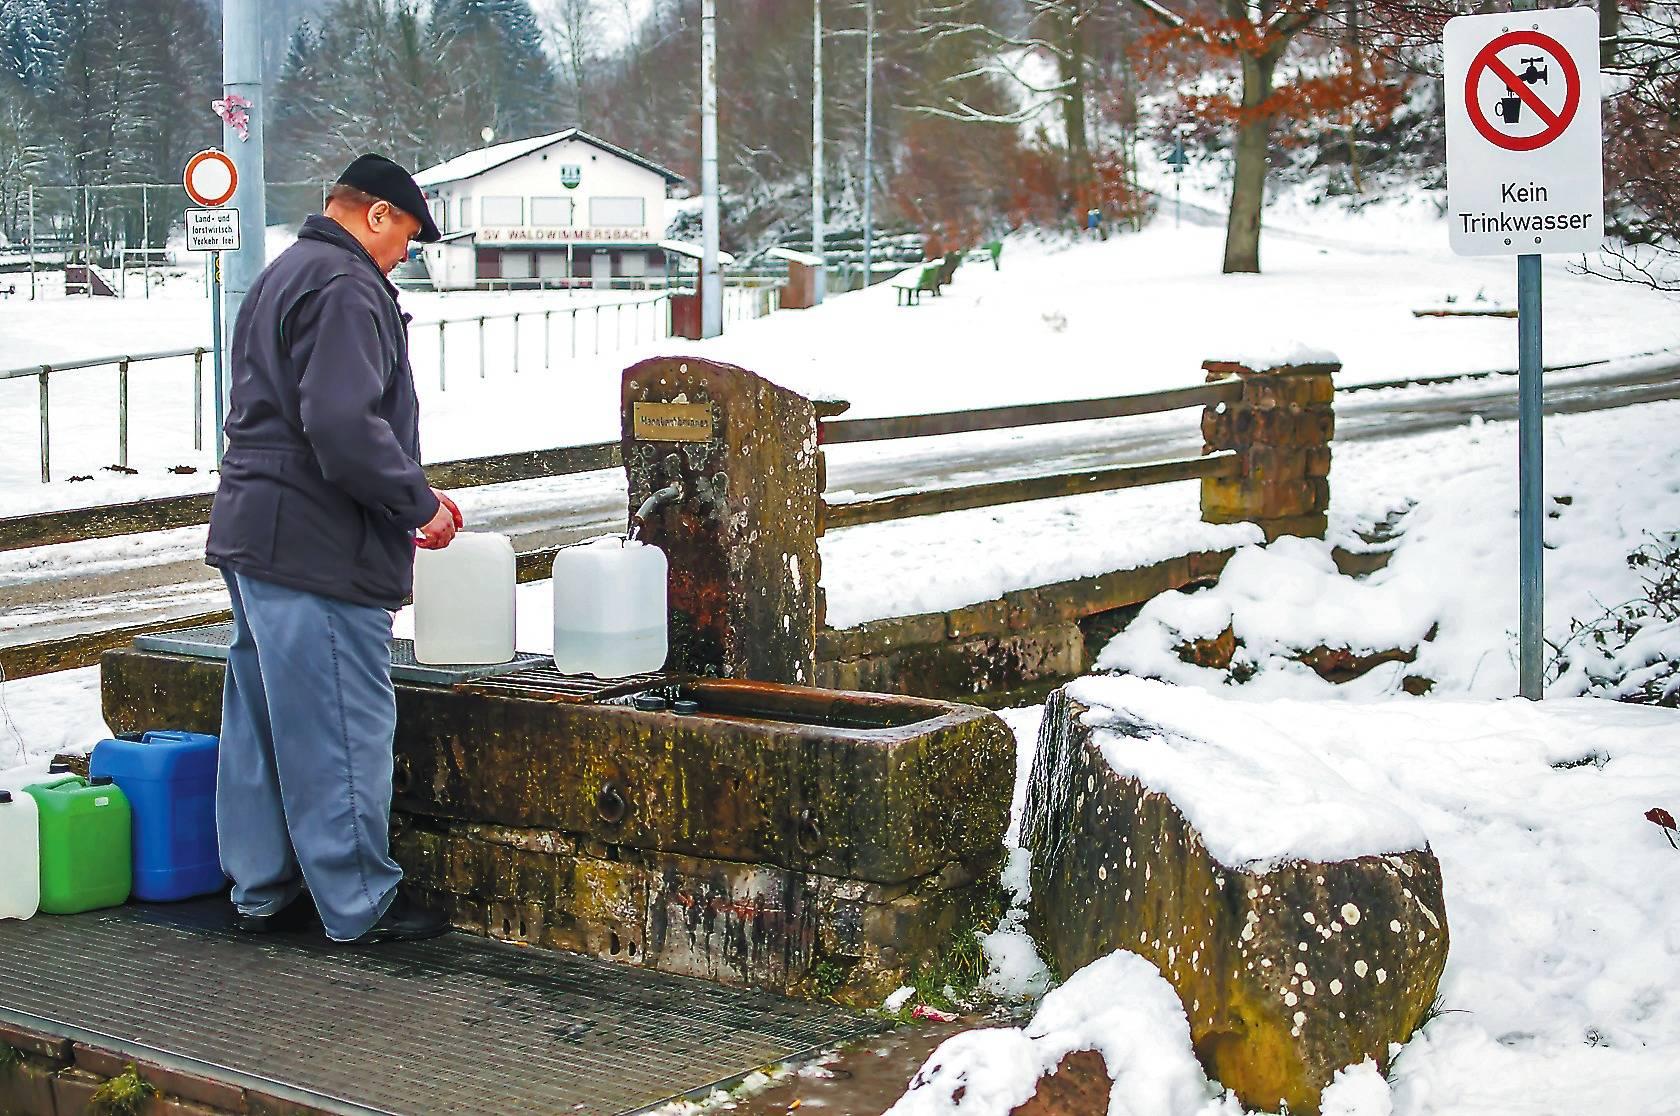 Brunnen bei Lobbach: Trinkwasser sprudelt hier keines mehr ...